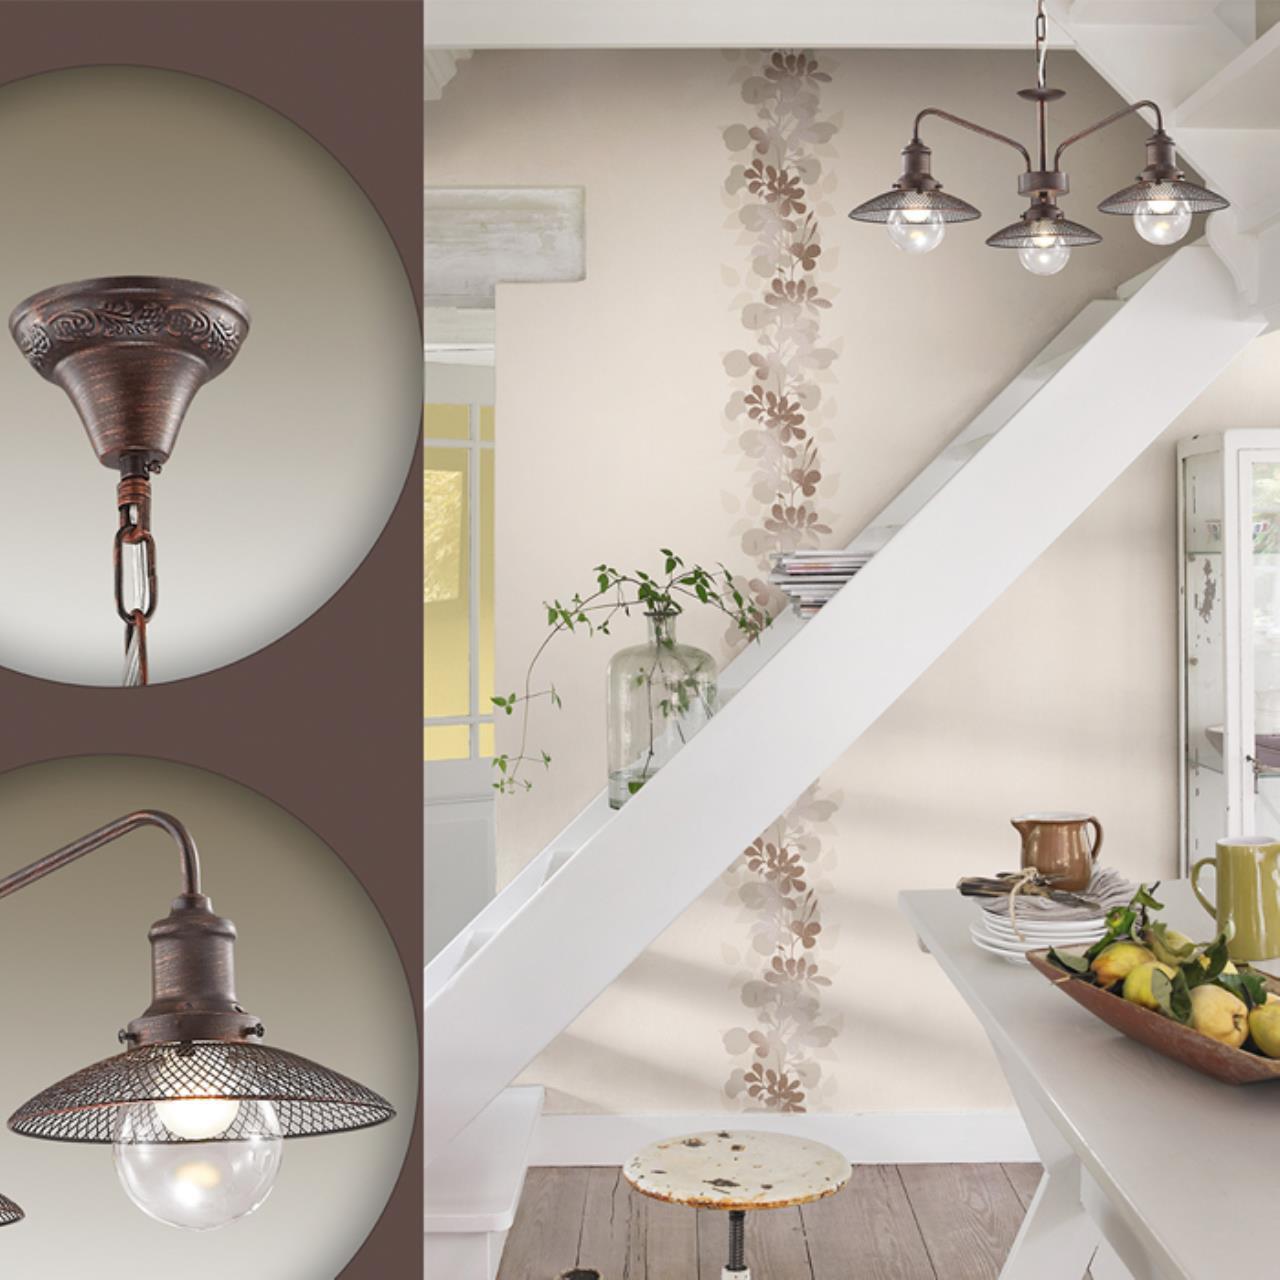 Подвесная люстра Lumion Ludacris 3513/5, 5xE27x60W, коричневый, прозрачный, металл, стекло - фото 5